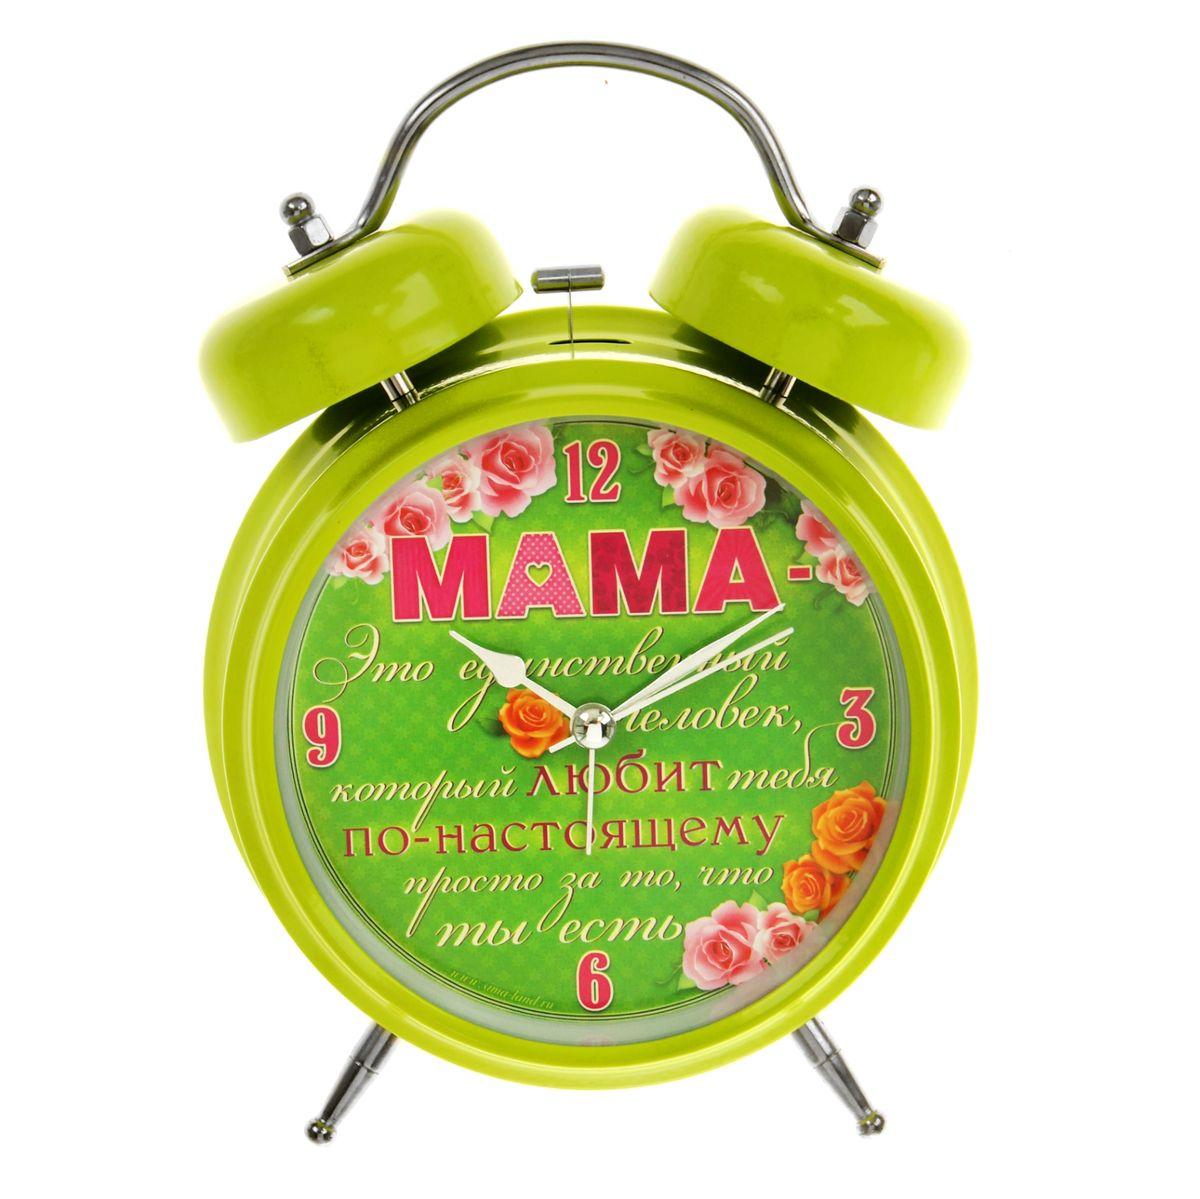 Часы-будильник Sima-land Мама - незаменимый человек839691Как же сложно иногда вставать вовремя! Всегда так хочется поспать еще хотя бы 5 минут и бывает, что мы просыпаем. Теперь этого не случится! Яркий, оригинальный будильник Sima-land Мама - незаменимый человек поможет вам всегда вставать в нужное время и успевать везде и всюду. Такой будильник также станет прекрасным подарком. На задней панели будильника расположены переключатель включения/выключения механизма и два колесика для настройки текущего времени и времени звонка будильника. Также будильник оснащен кнопкой, при нажатии и удержании которой подсвечивается циферблат.Будильник работает от 1 батарейки типа AA напряжением 1,5V (не входит в комплект).